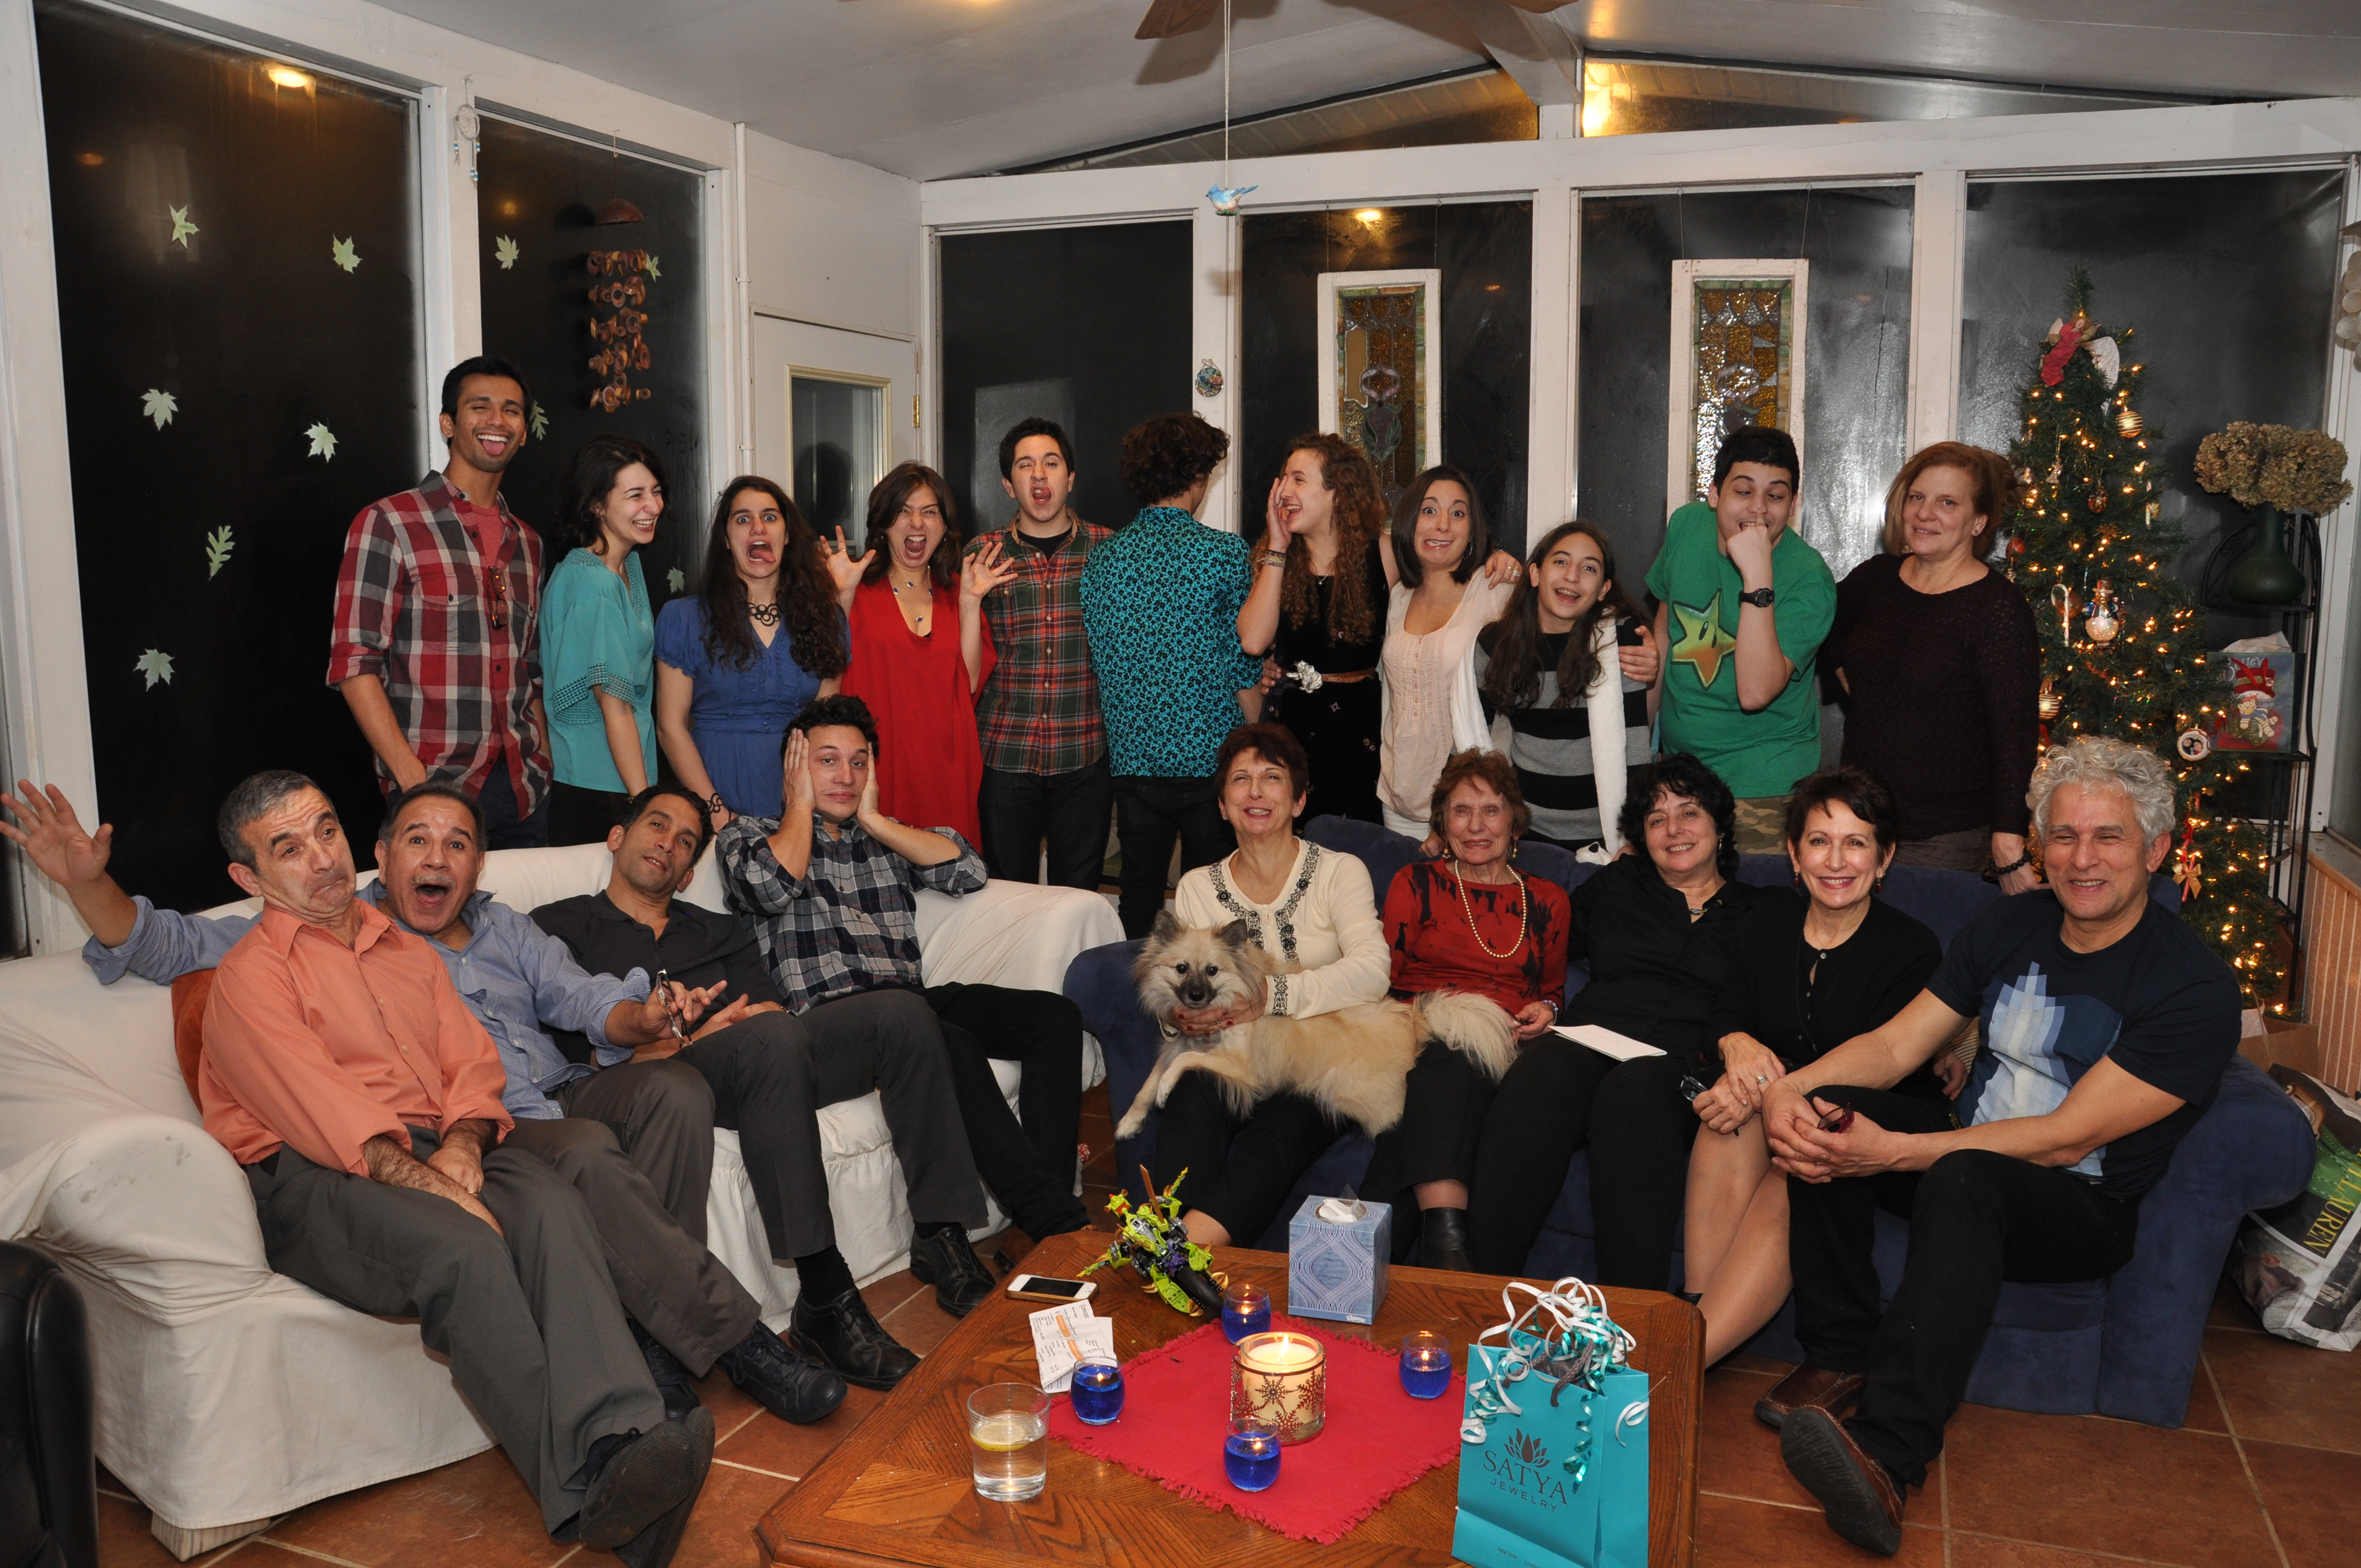 Familia celebrando navidad en mi casa andr s palomino - Casas de navidad ...